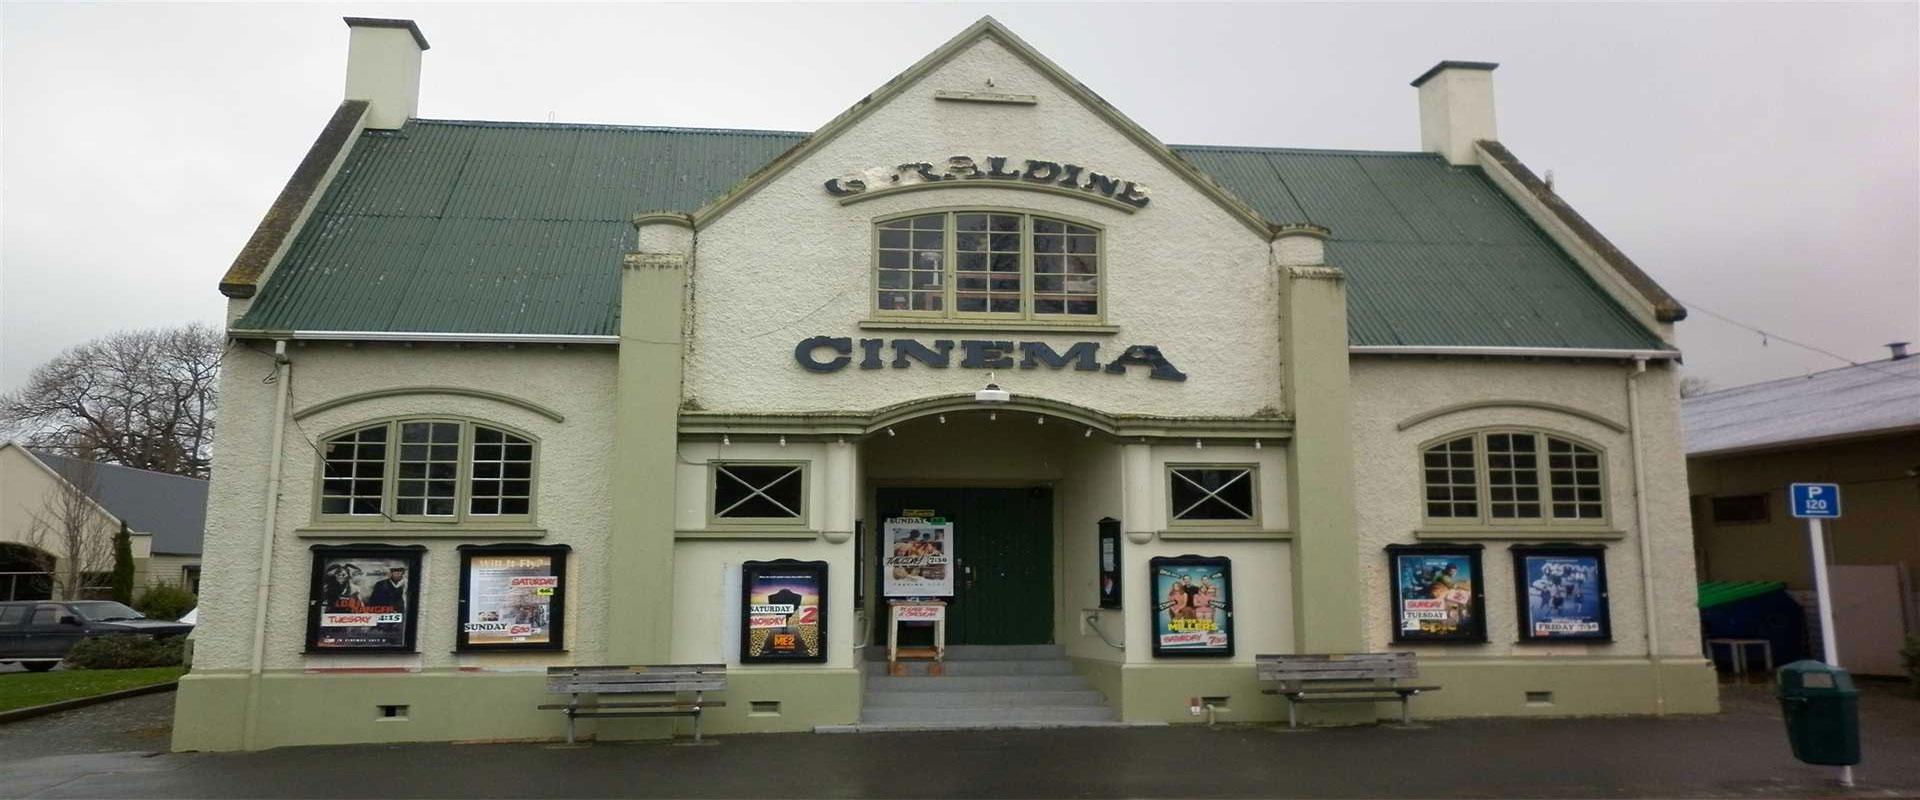 geraldine cinema